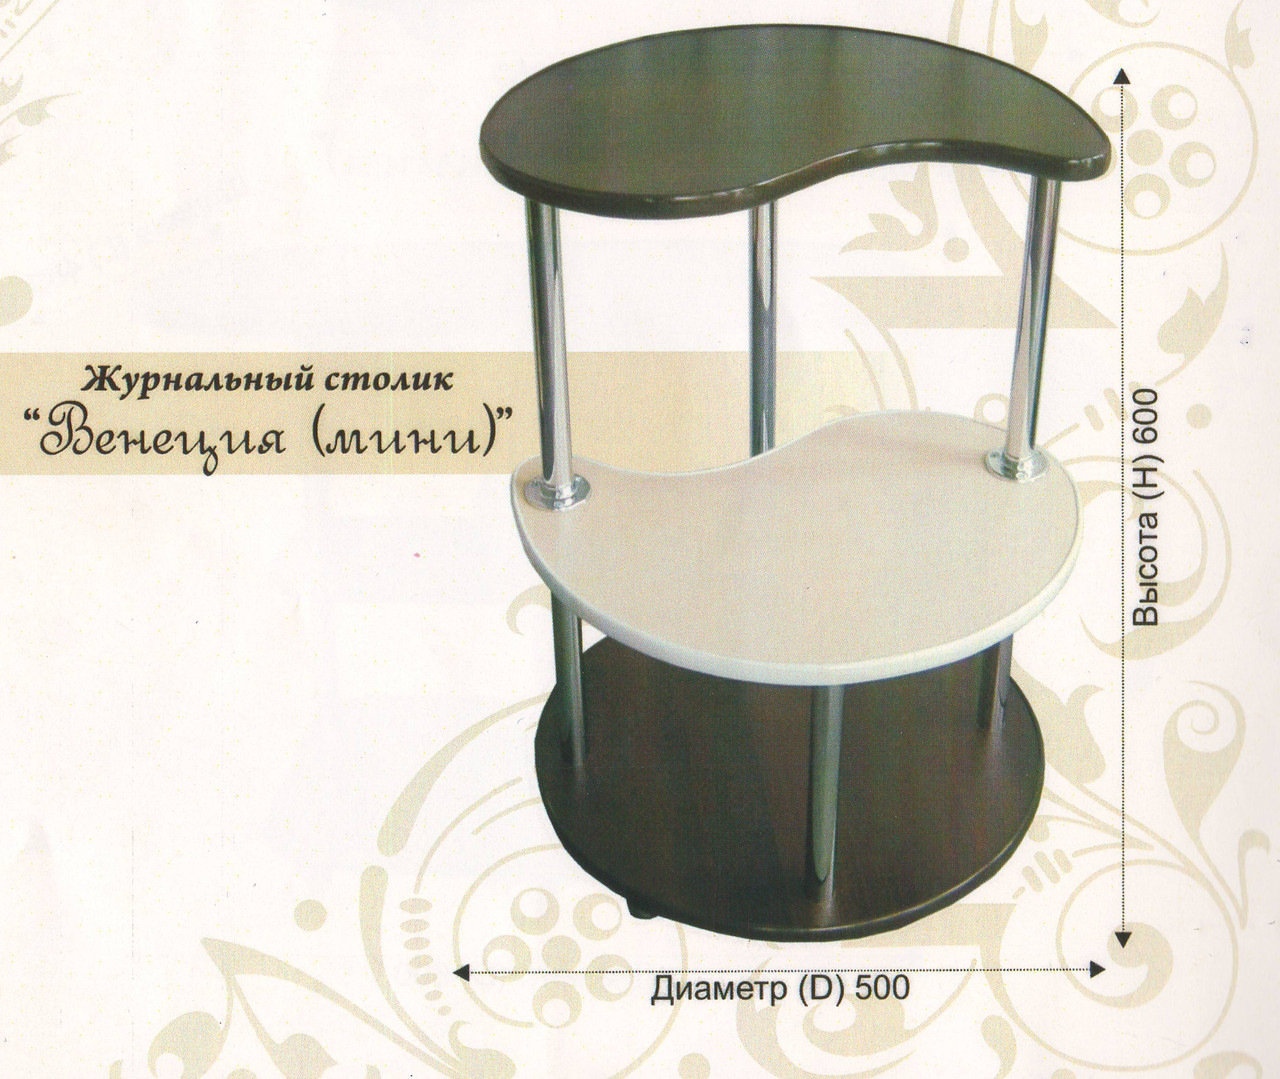 БЕСПЛАТНАЯ доставка по Украине Стол Венеция мини